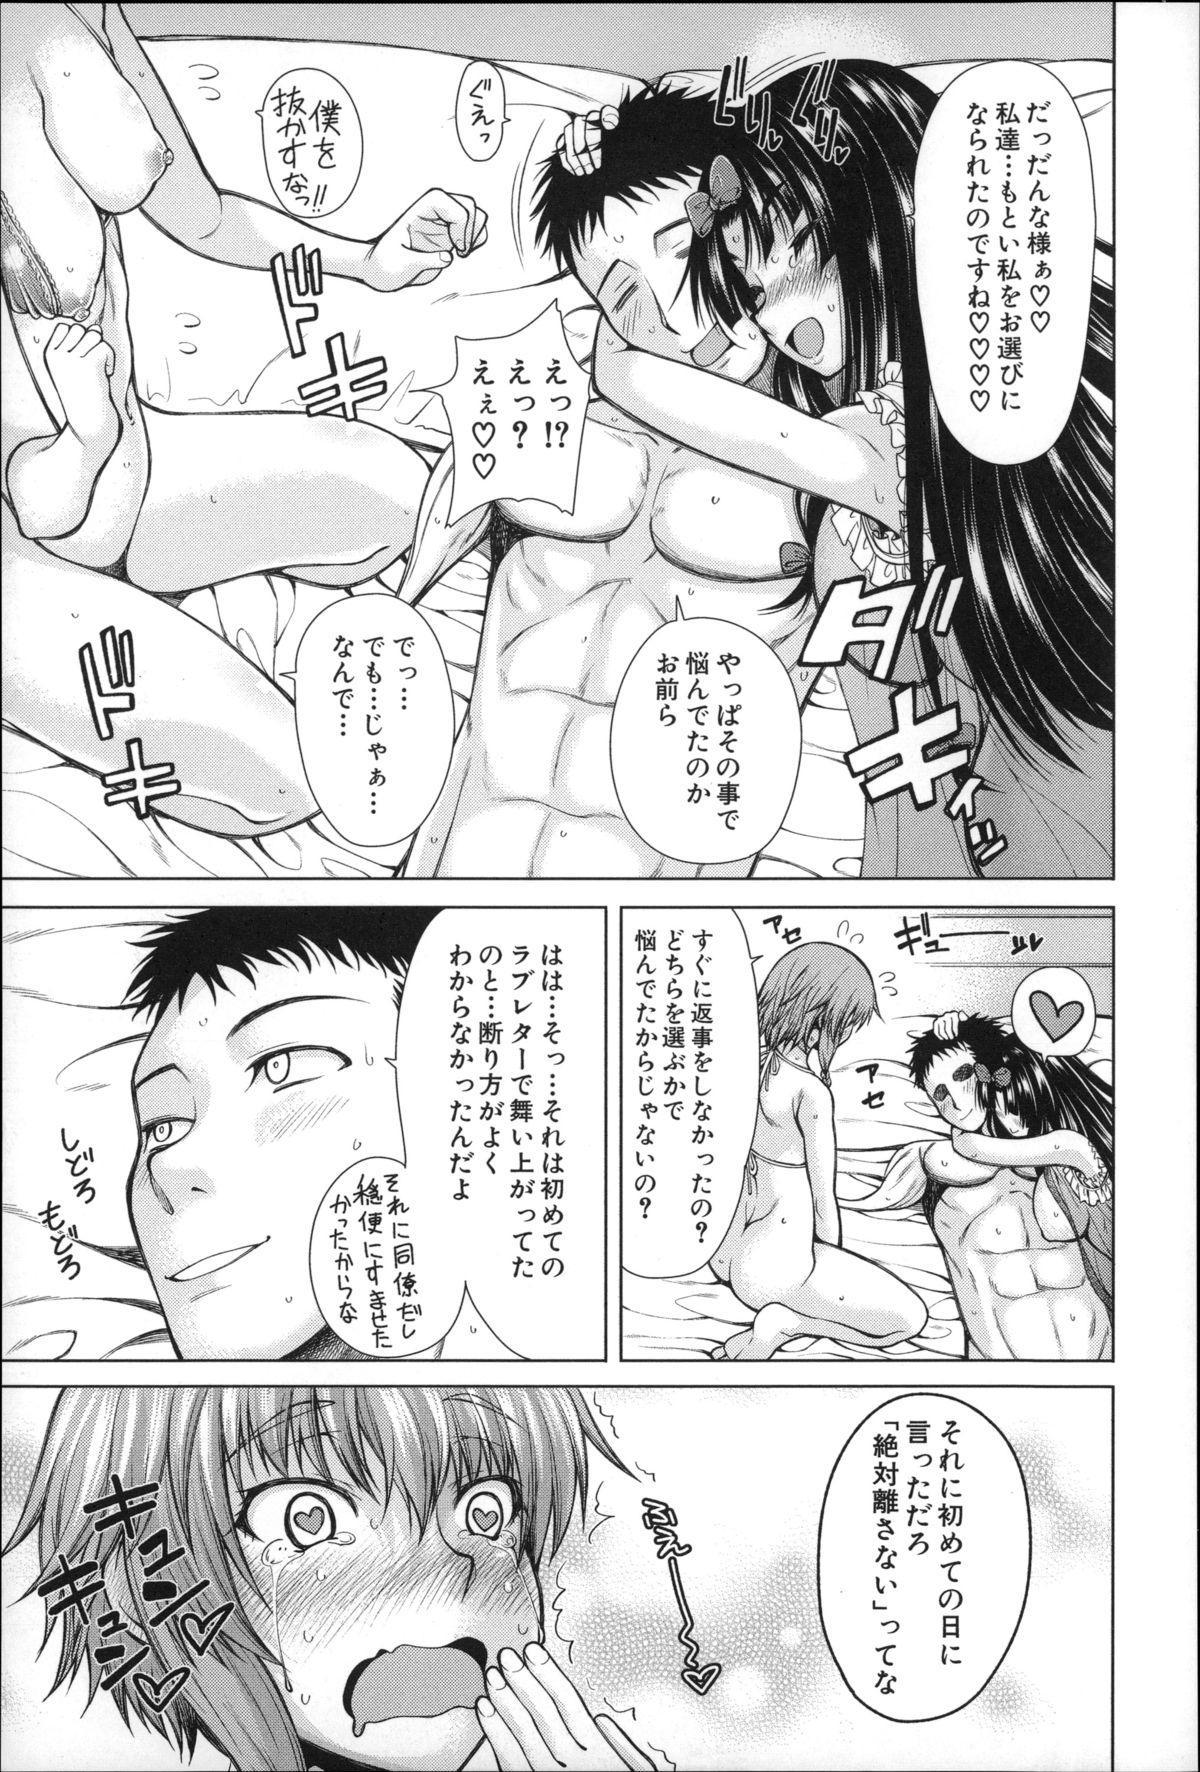 Migite ga Bishoujo ni Natta kara Sex Shita kedo Doutei dayone!! 79